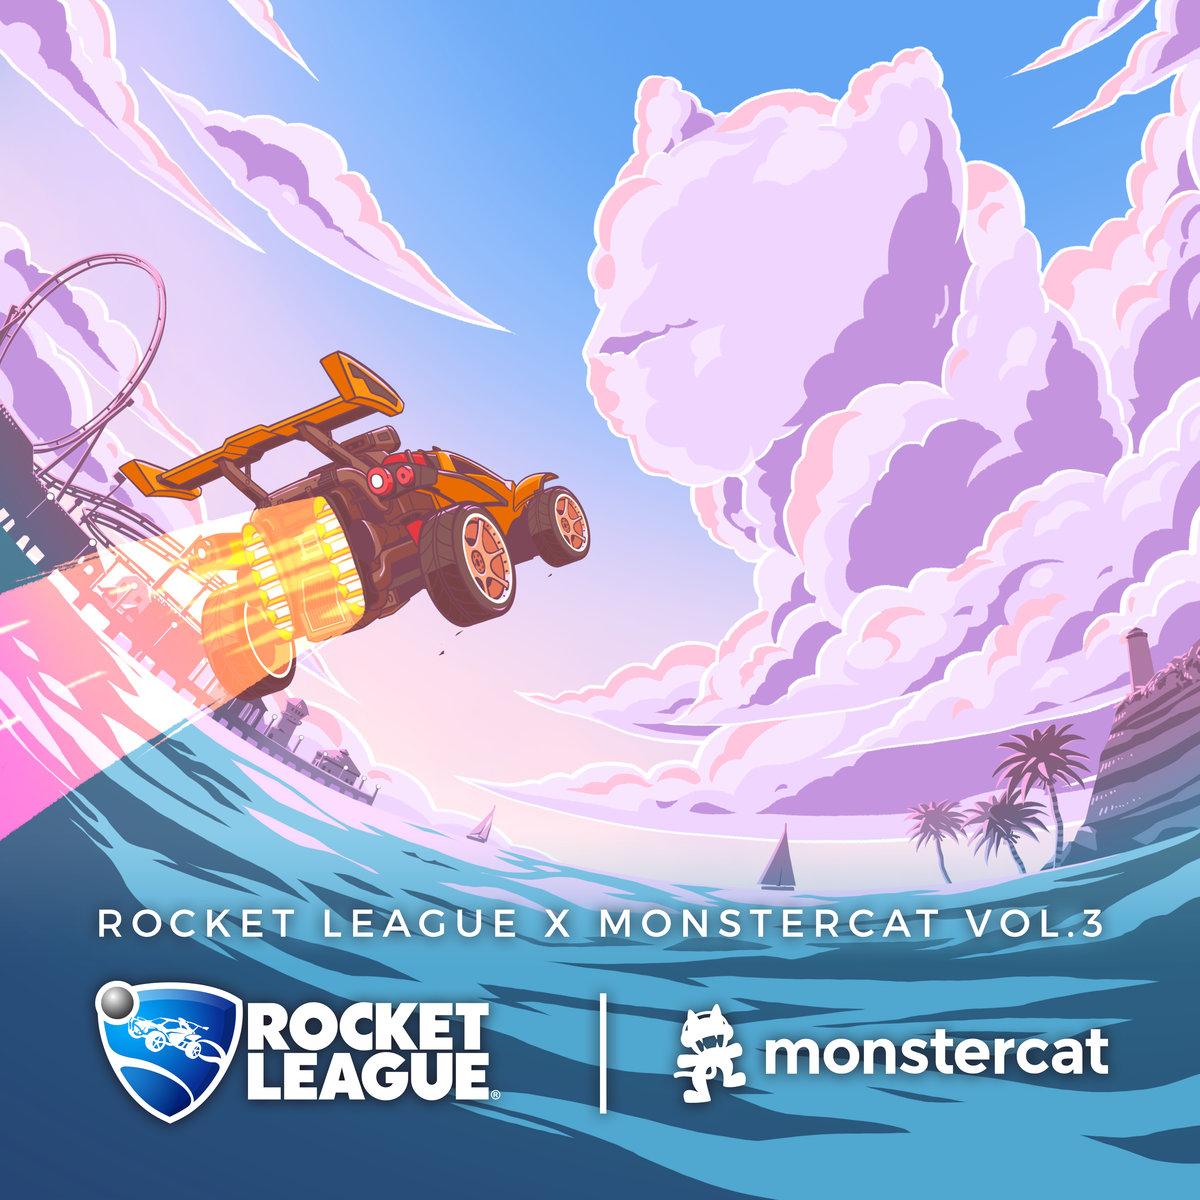 Rocket League x Monstercat Vol. 3; ¡de nuevo una gran unión!